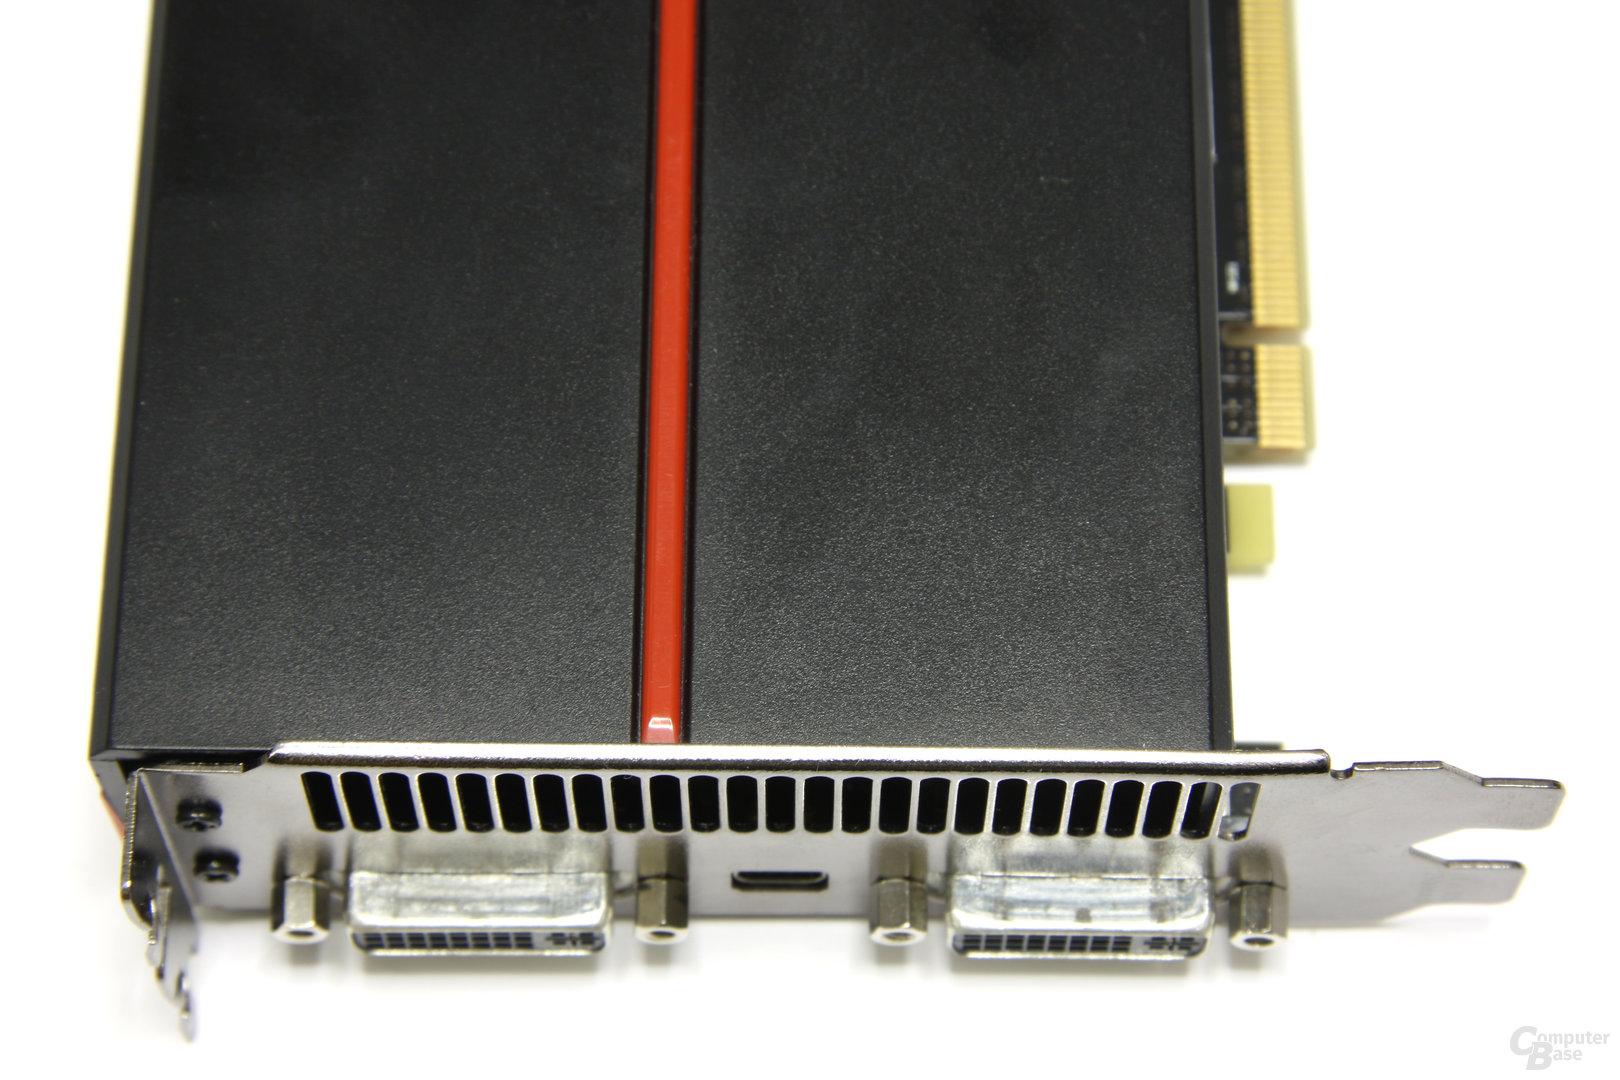 Radeon HD 5970 Anschlüsse